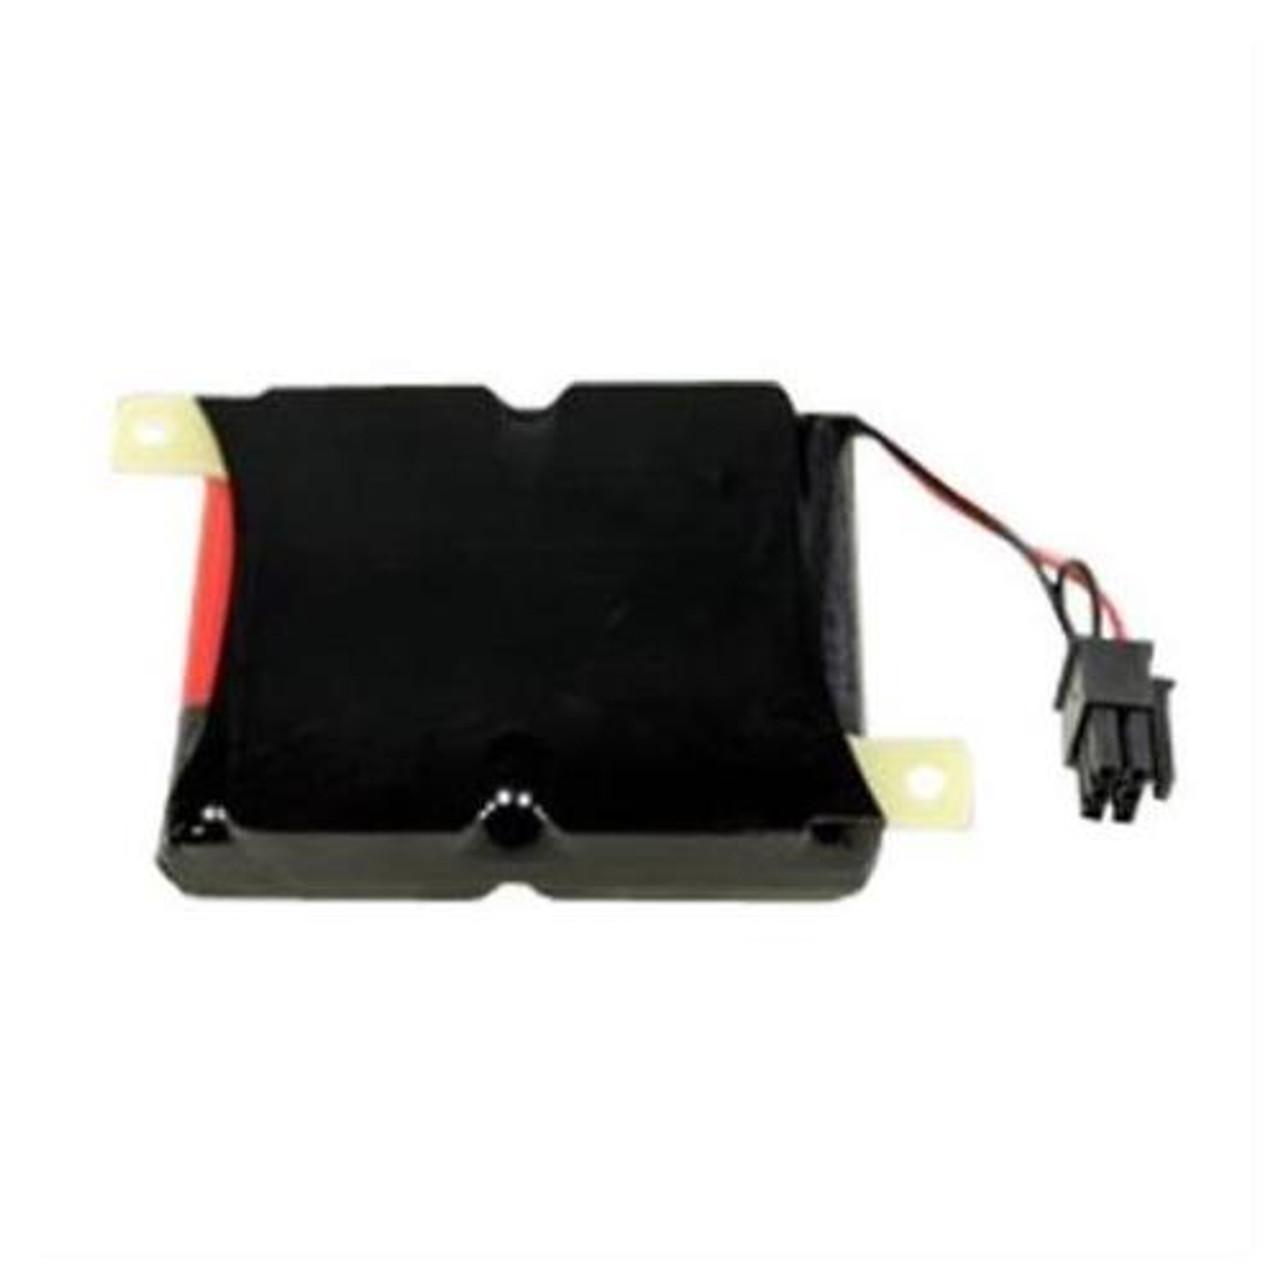 81Y4491,81Y4508,81Y4588 IBM-ServeRAID M5100 Series Battery Kit for IBM System x